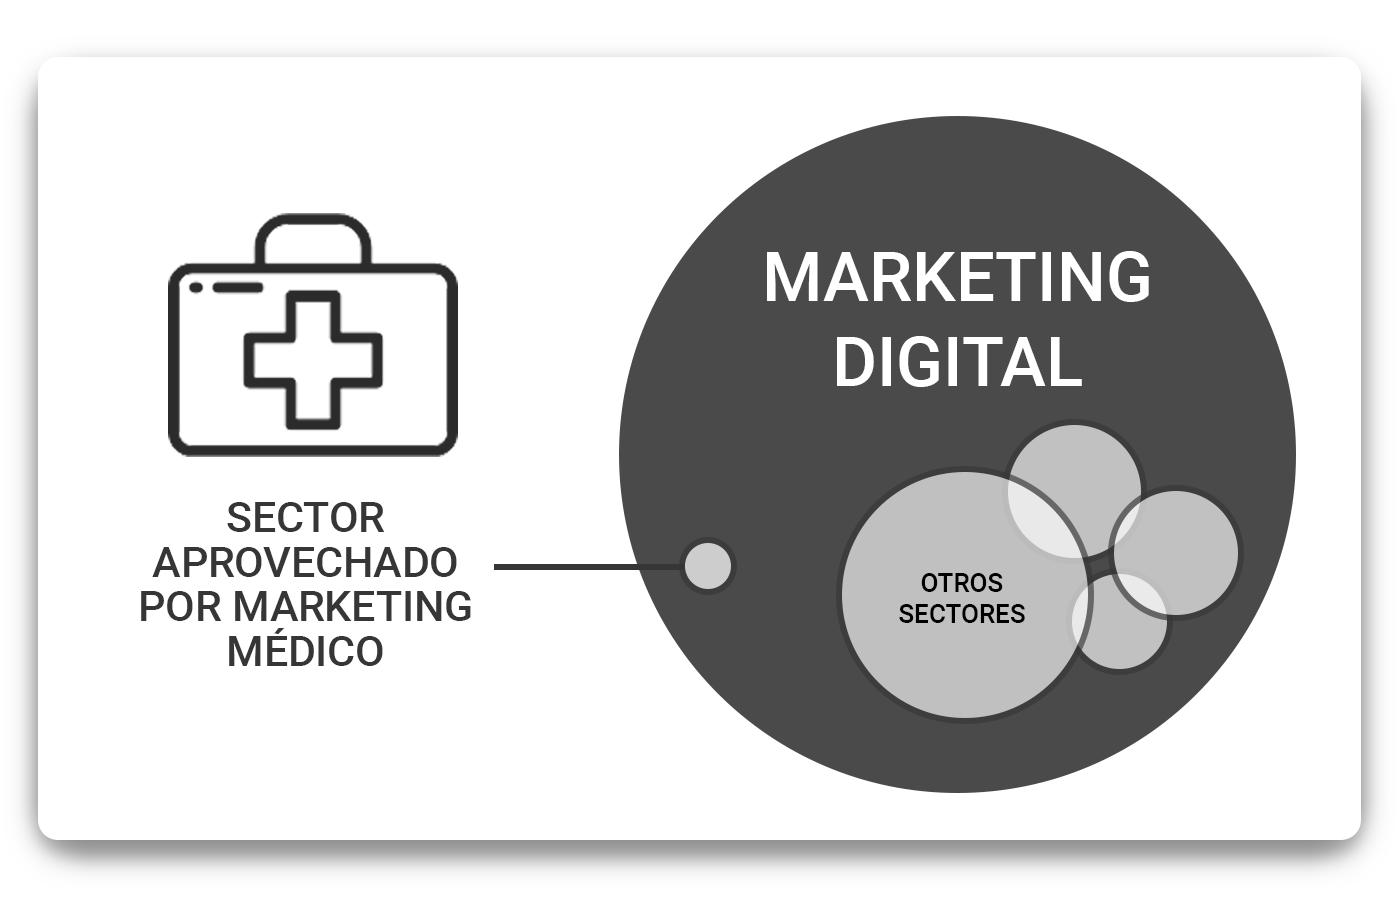 sector-aprovechado-por-marketing-medico